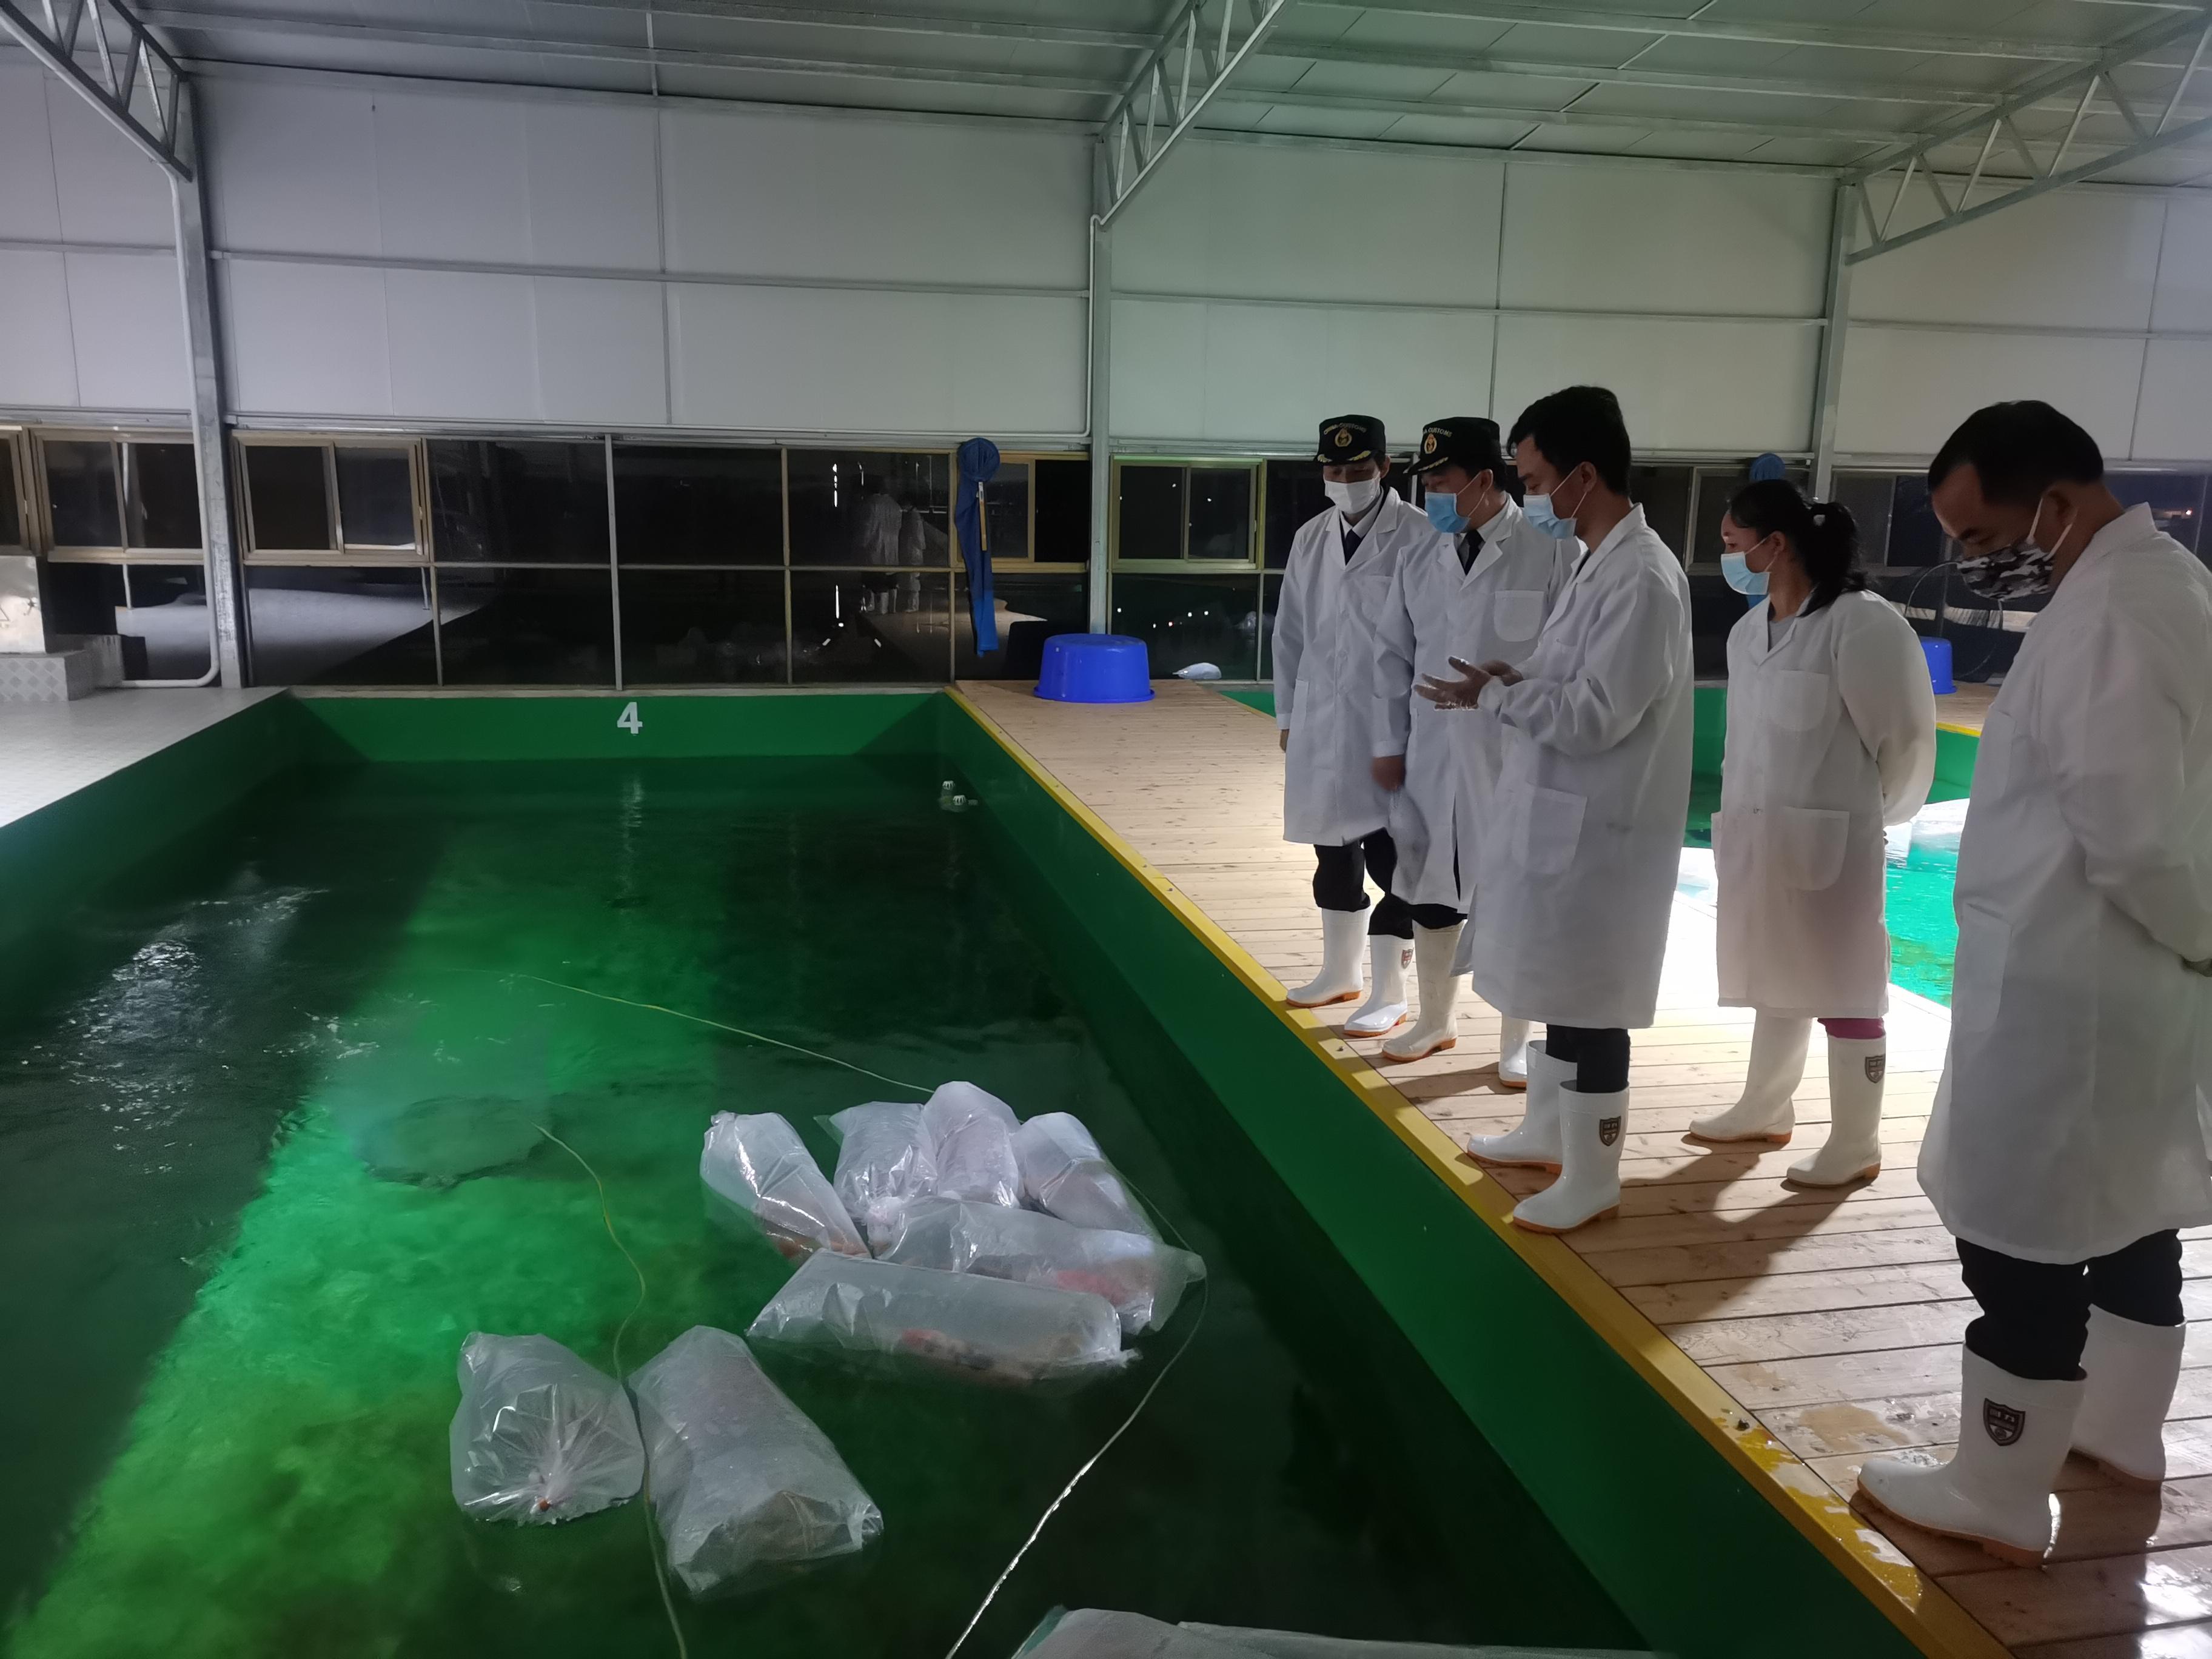 日本のニシキゴイ290匹が長沙に到着 隔離検疫後に市場へ